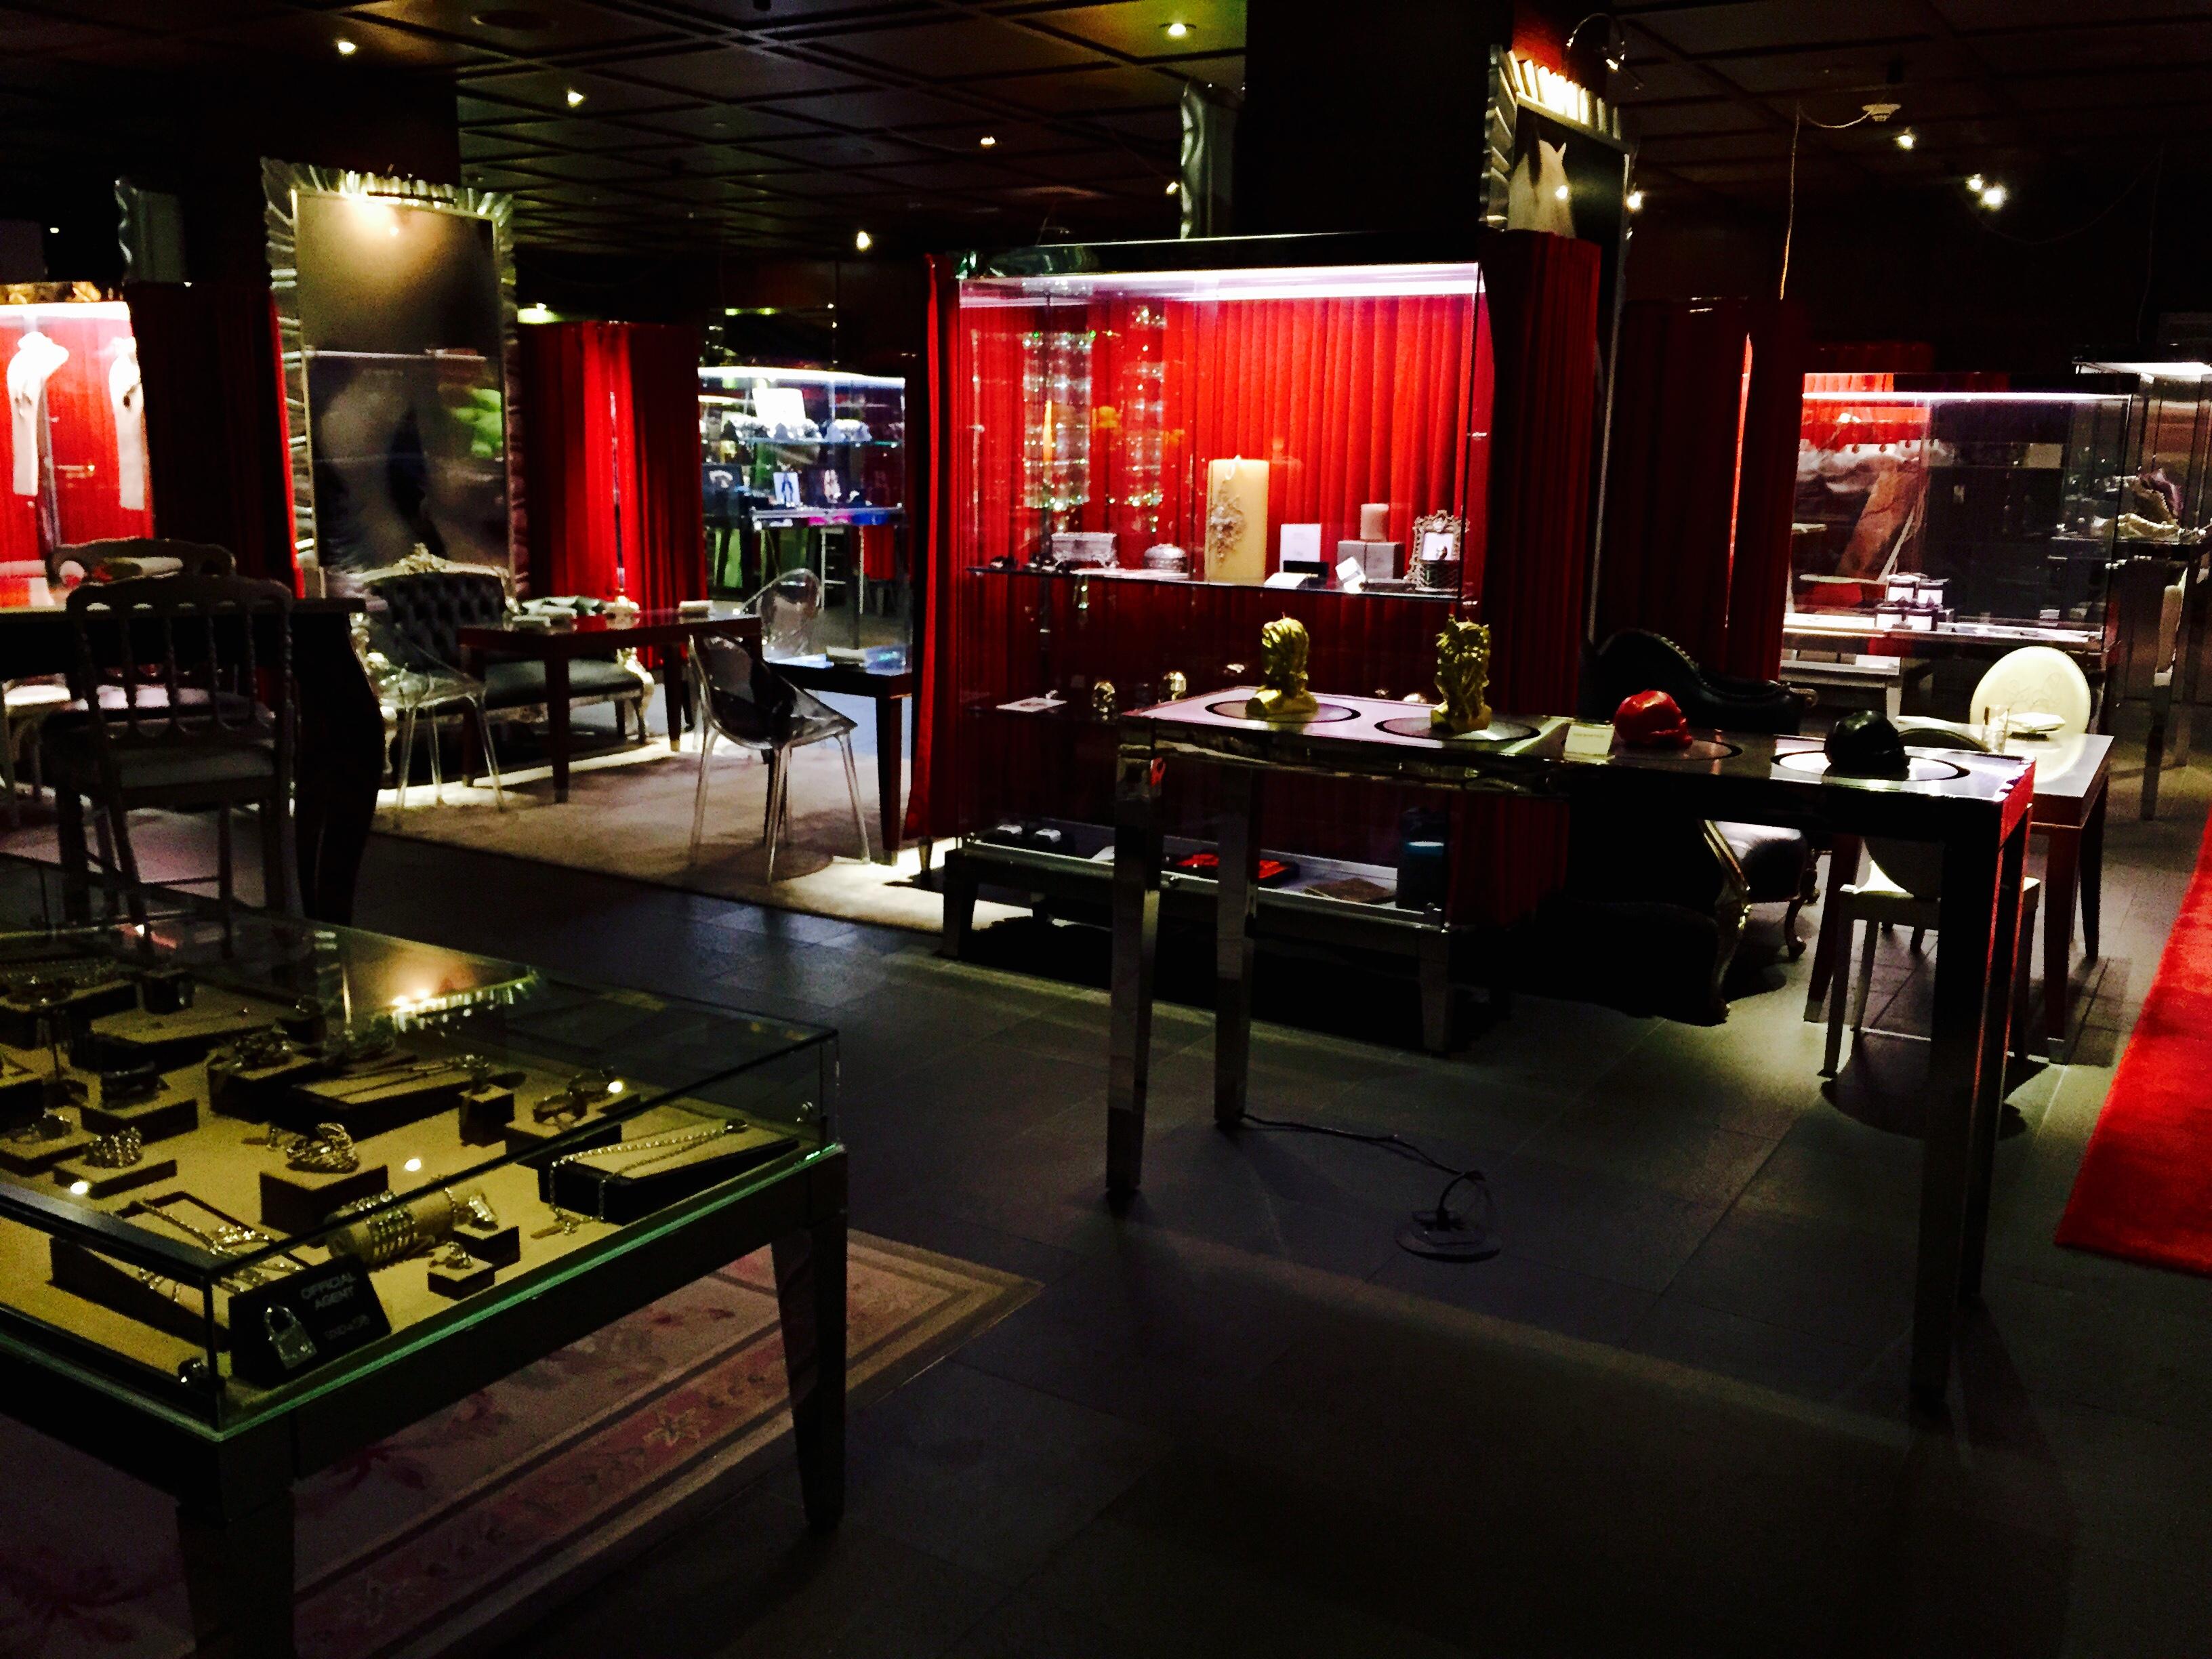 saam_bazaar_interior